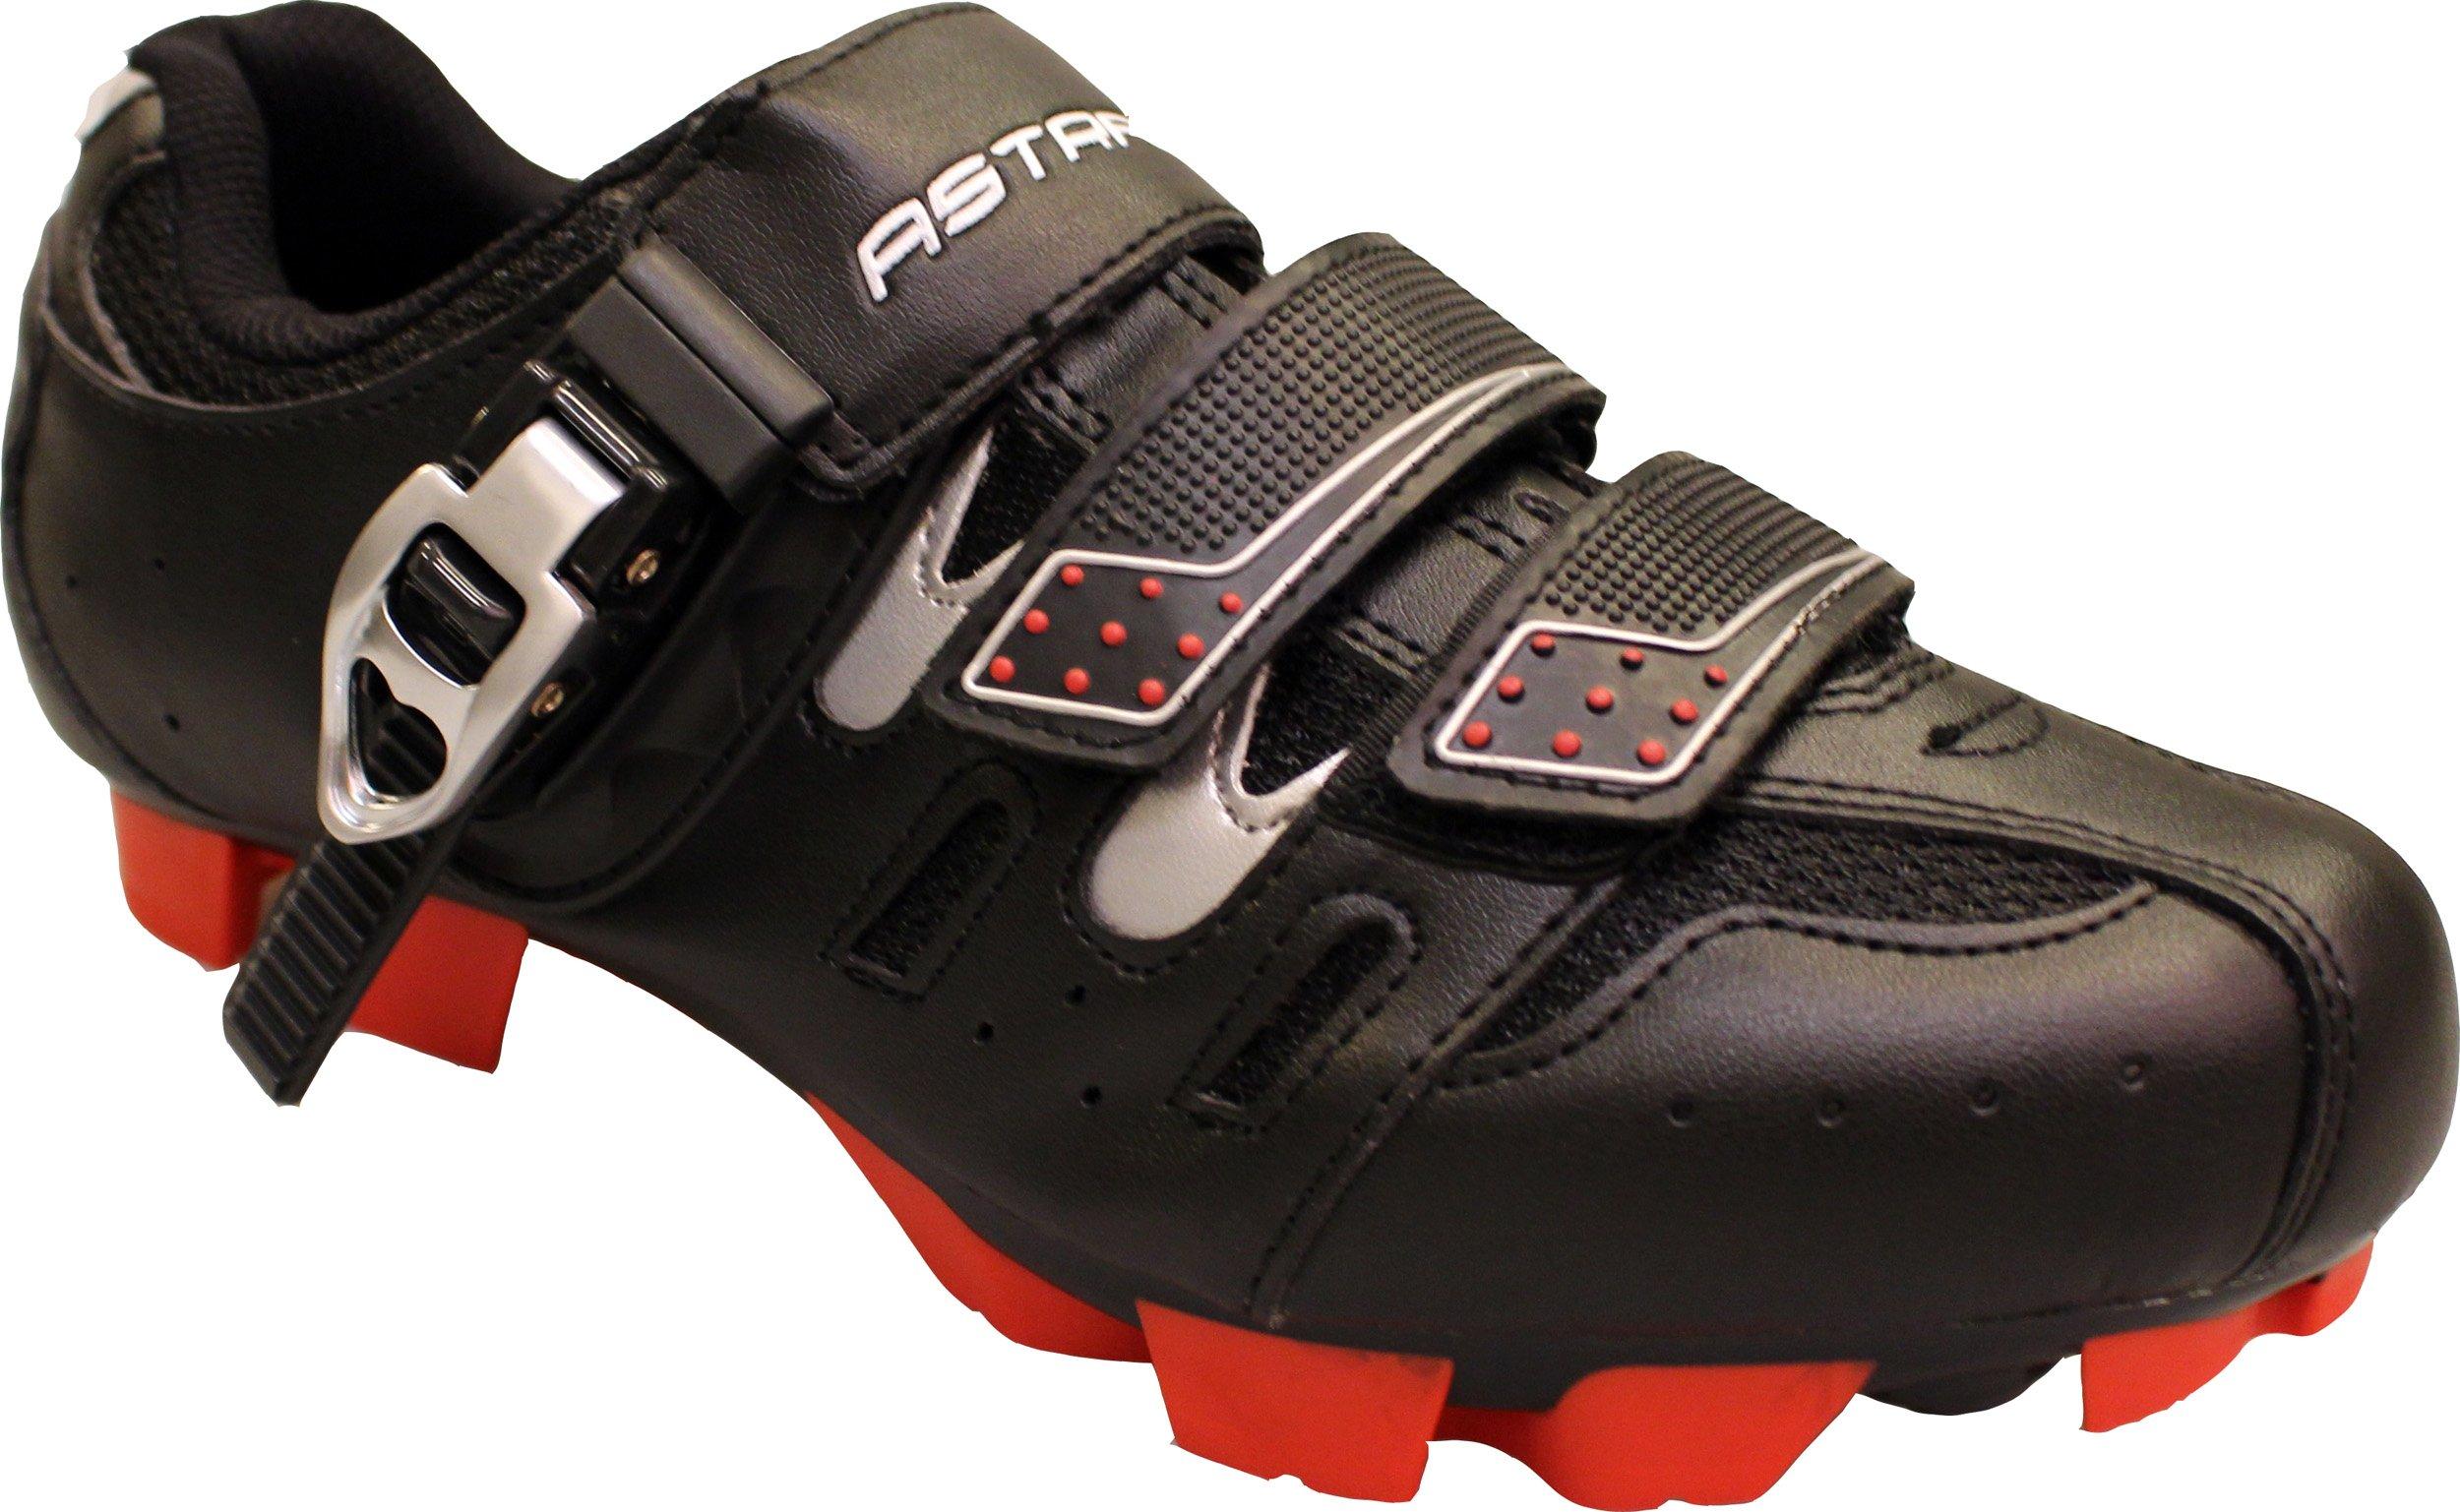 Astral MTB 550 Cykelsko med klikspænde | Shoes and overlays